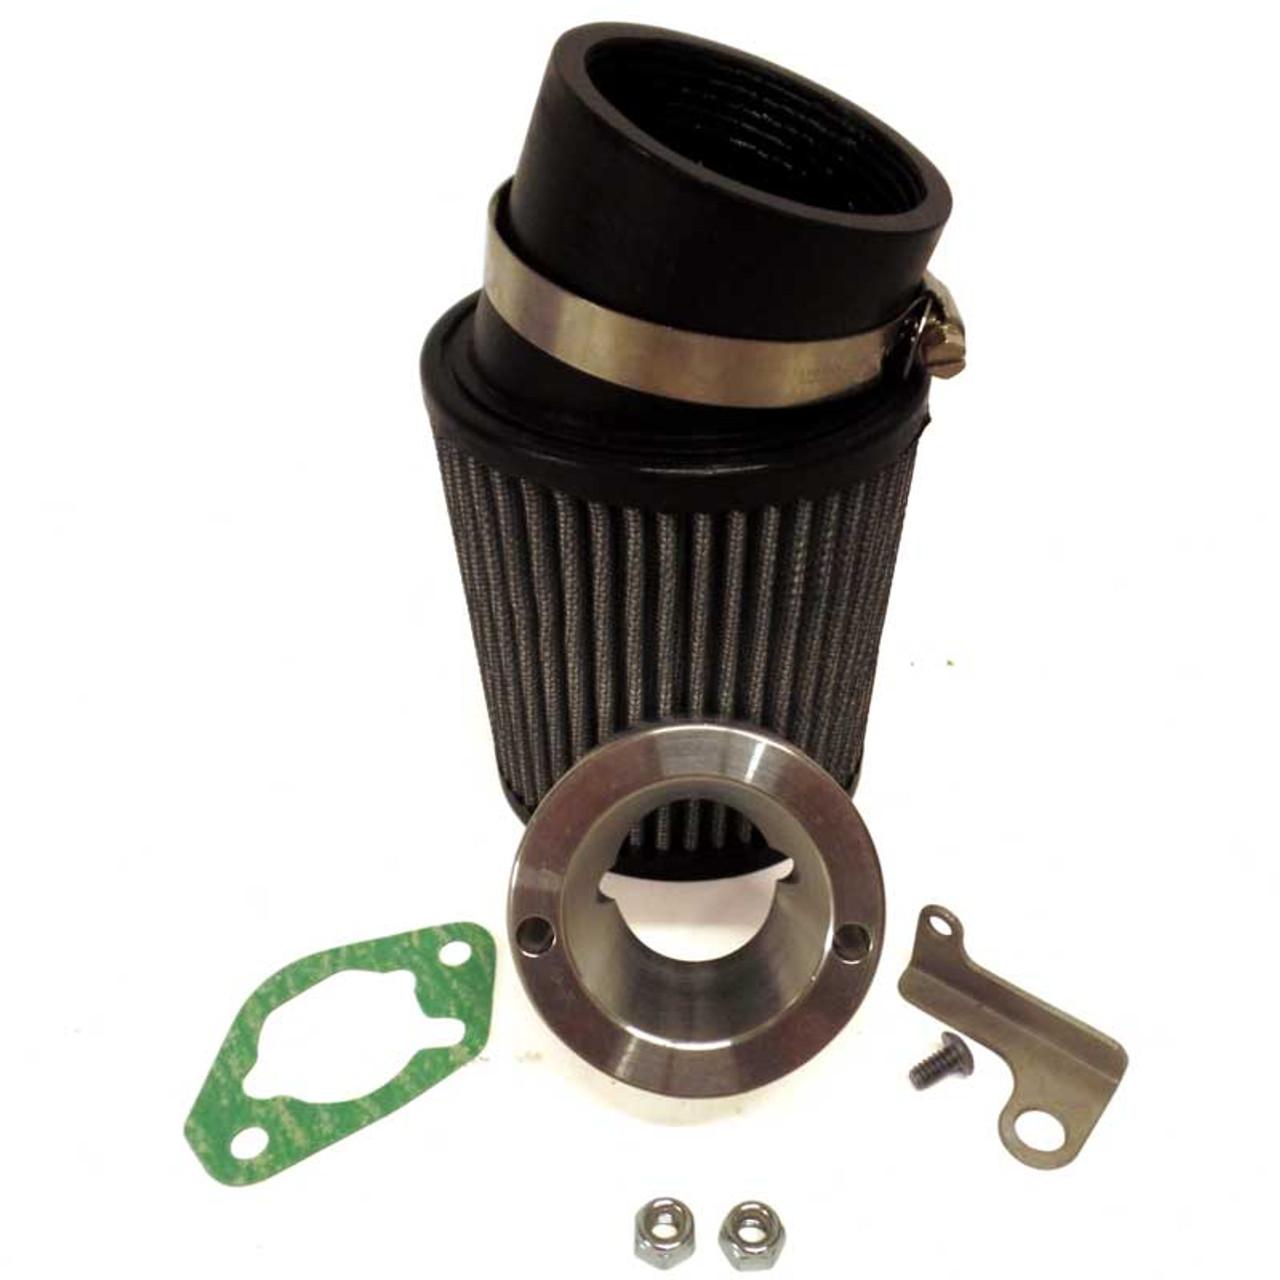 Air Filter Kit for Honda GX340 / 390 Predator 301cc / 420cc